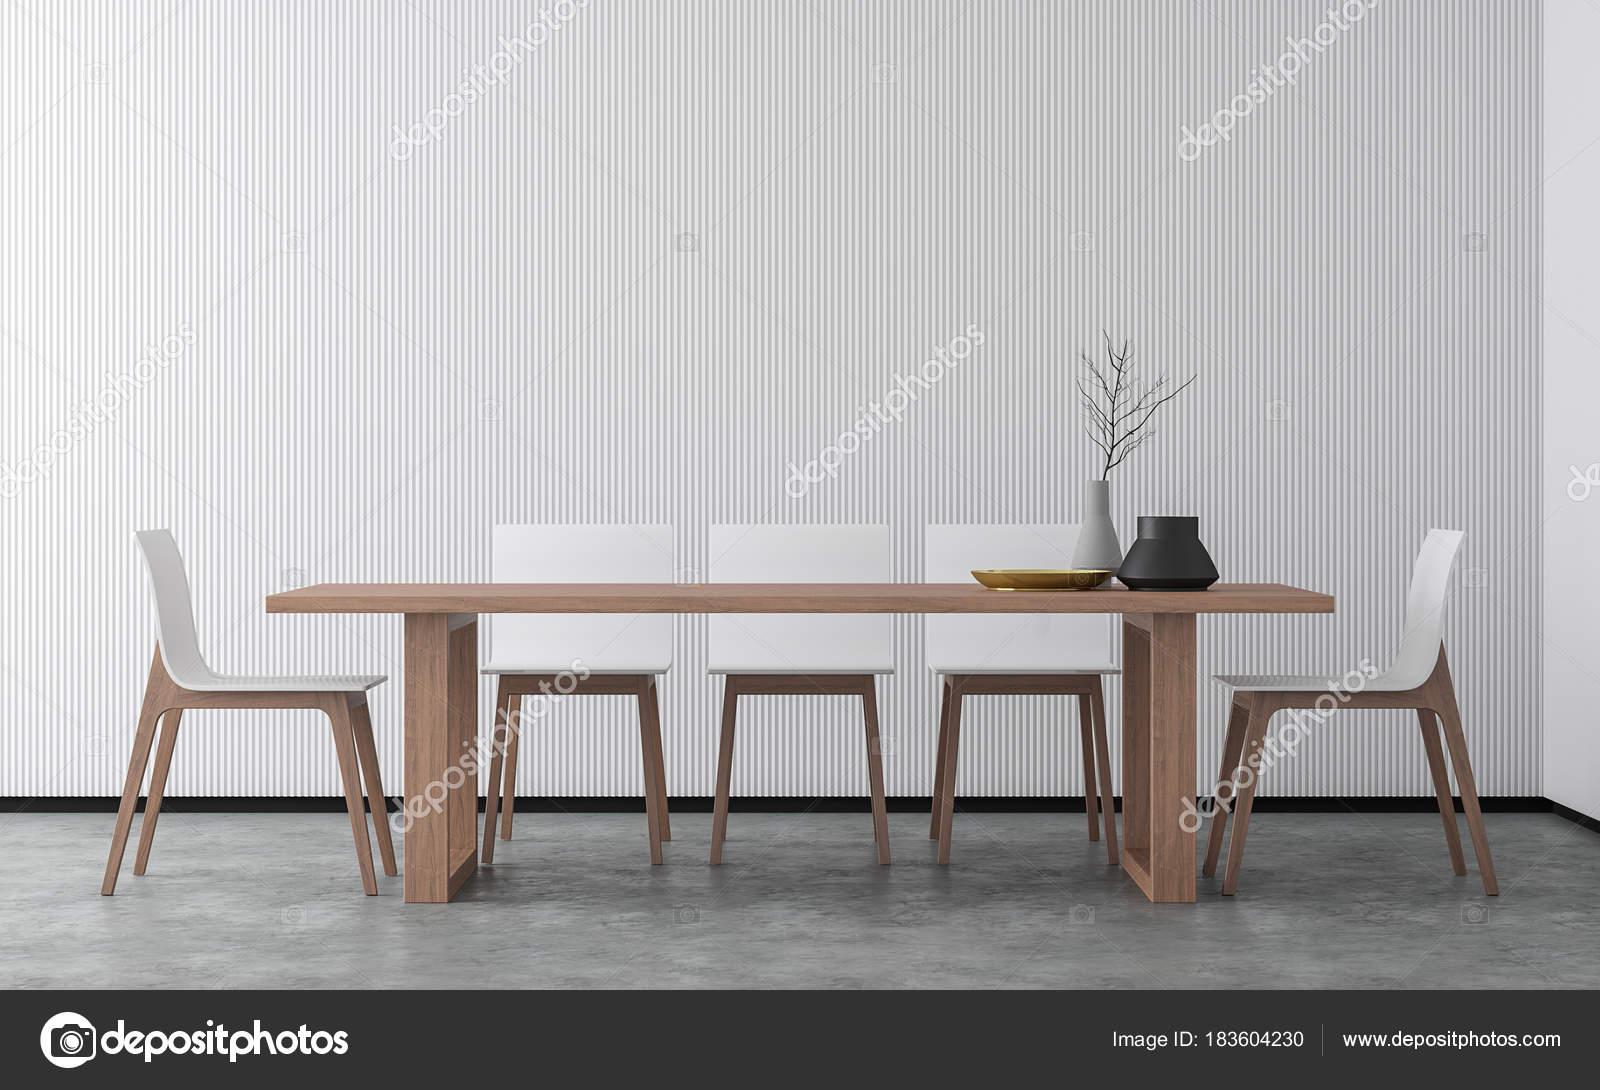 Minimalistischen Stil Esszimmer Rendering Bild Gibt Betonboden Dekorieren  Mit Weißen U2014 Stockfoto